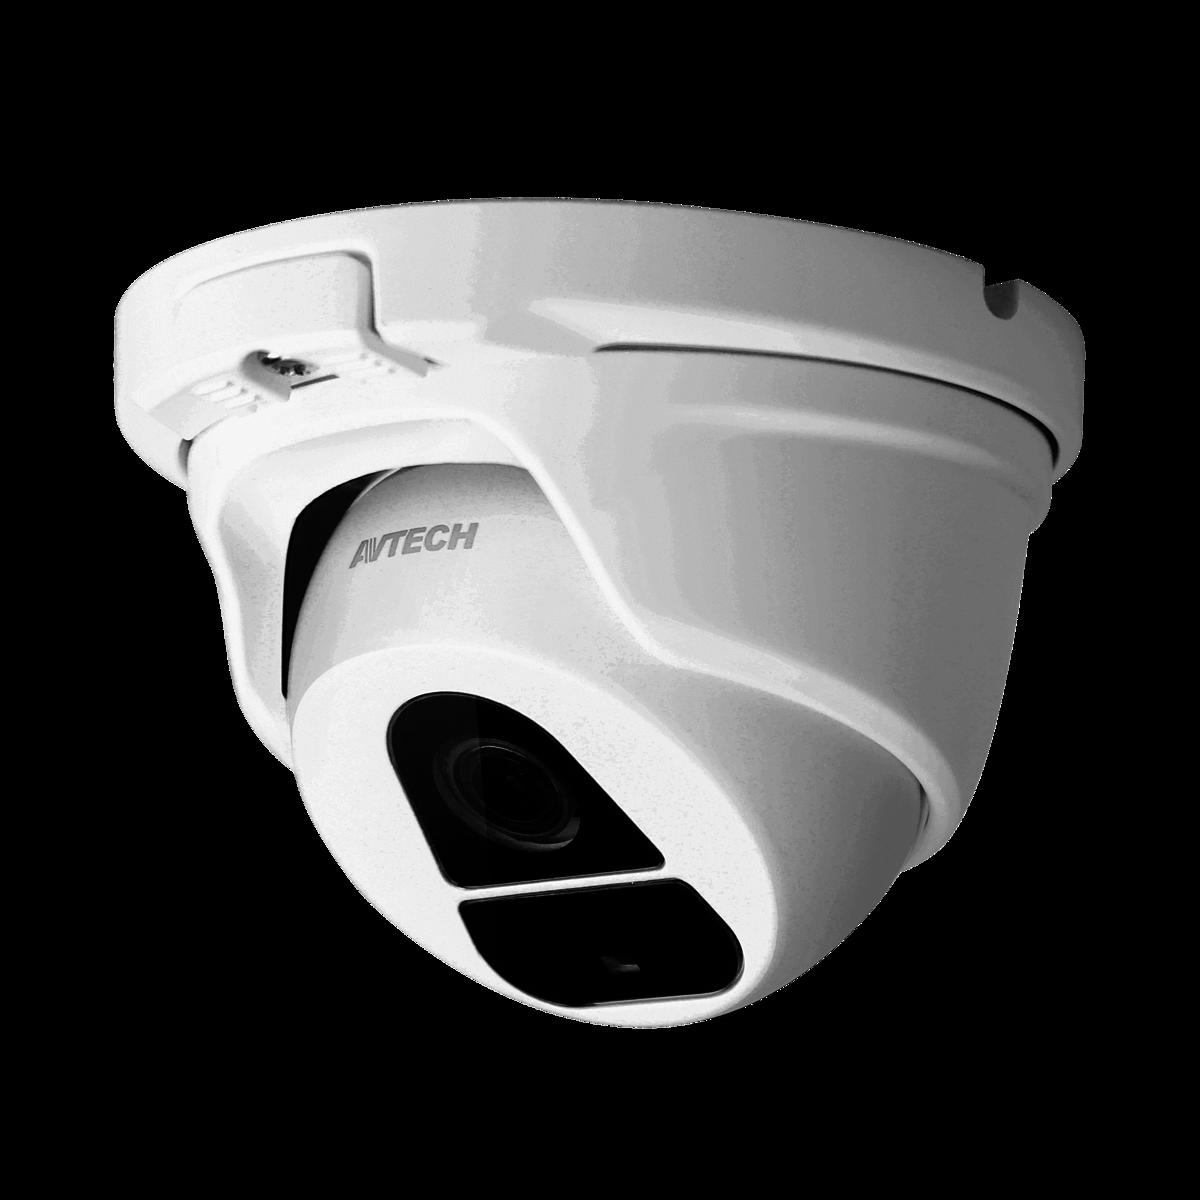 AVTECH DGM1104 - liten och billig IP-kamera